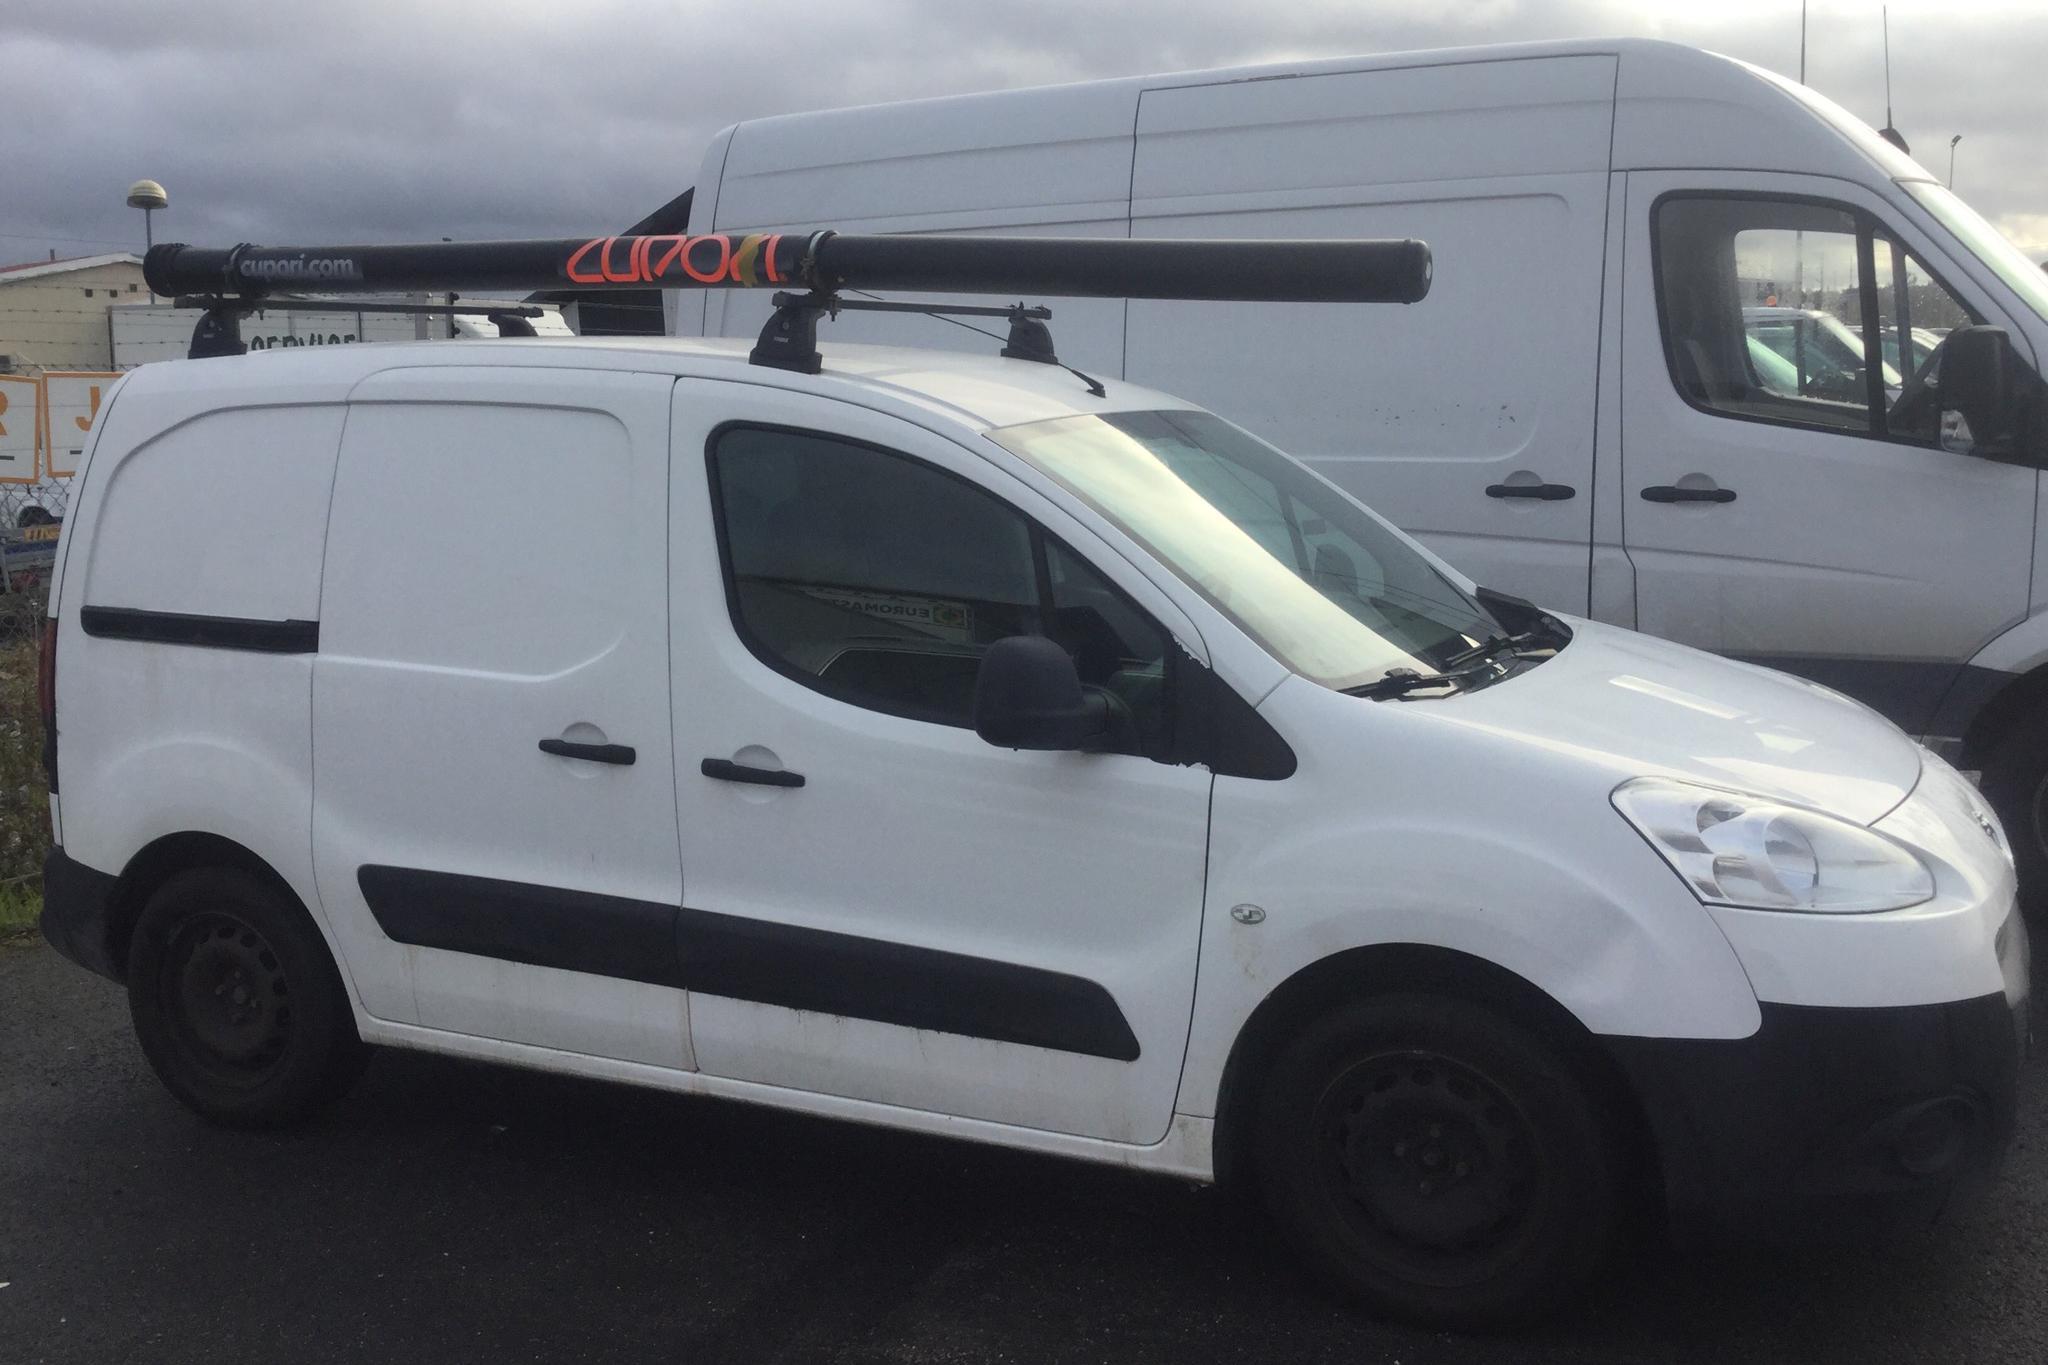 Peugeot Partner 1.6 HDI Skåp (114hk) - 0 km - Manual - white - 2013